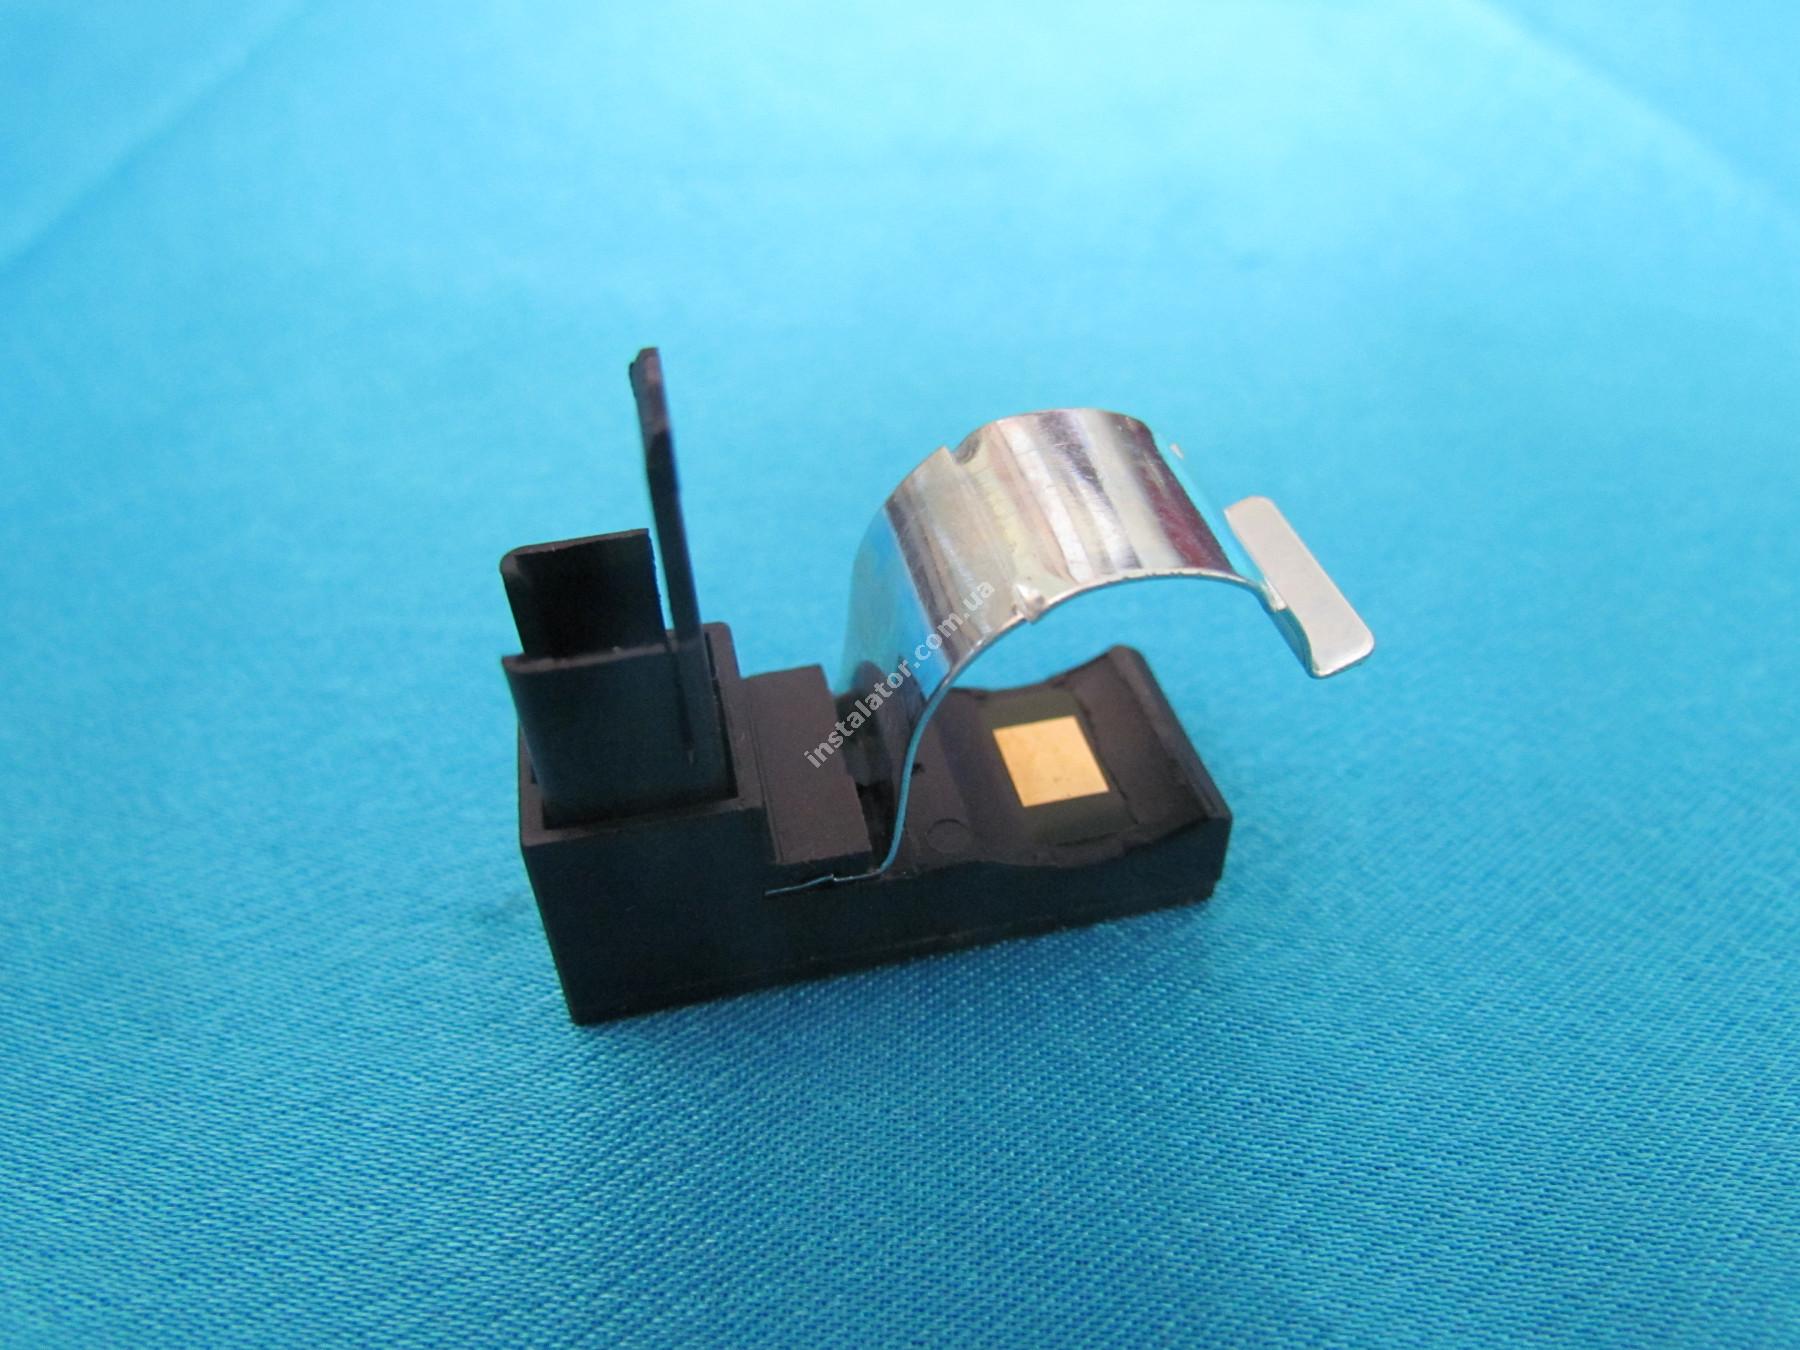 ТР01ВН1RQV Датчик температури (зонд NTC) накладний d18 full-image-2